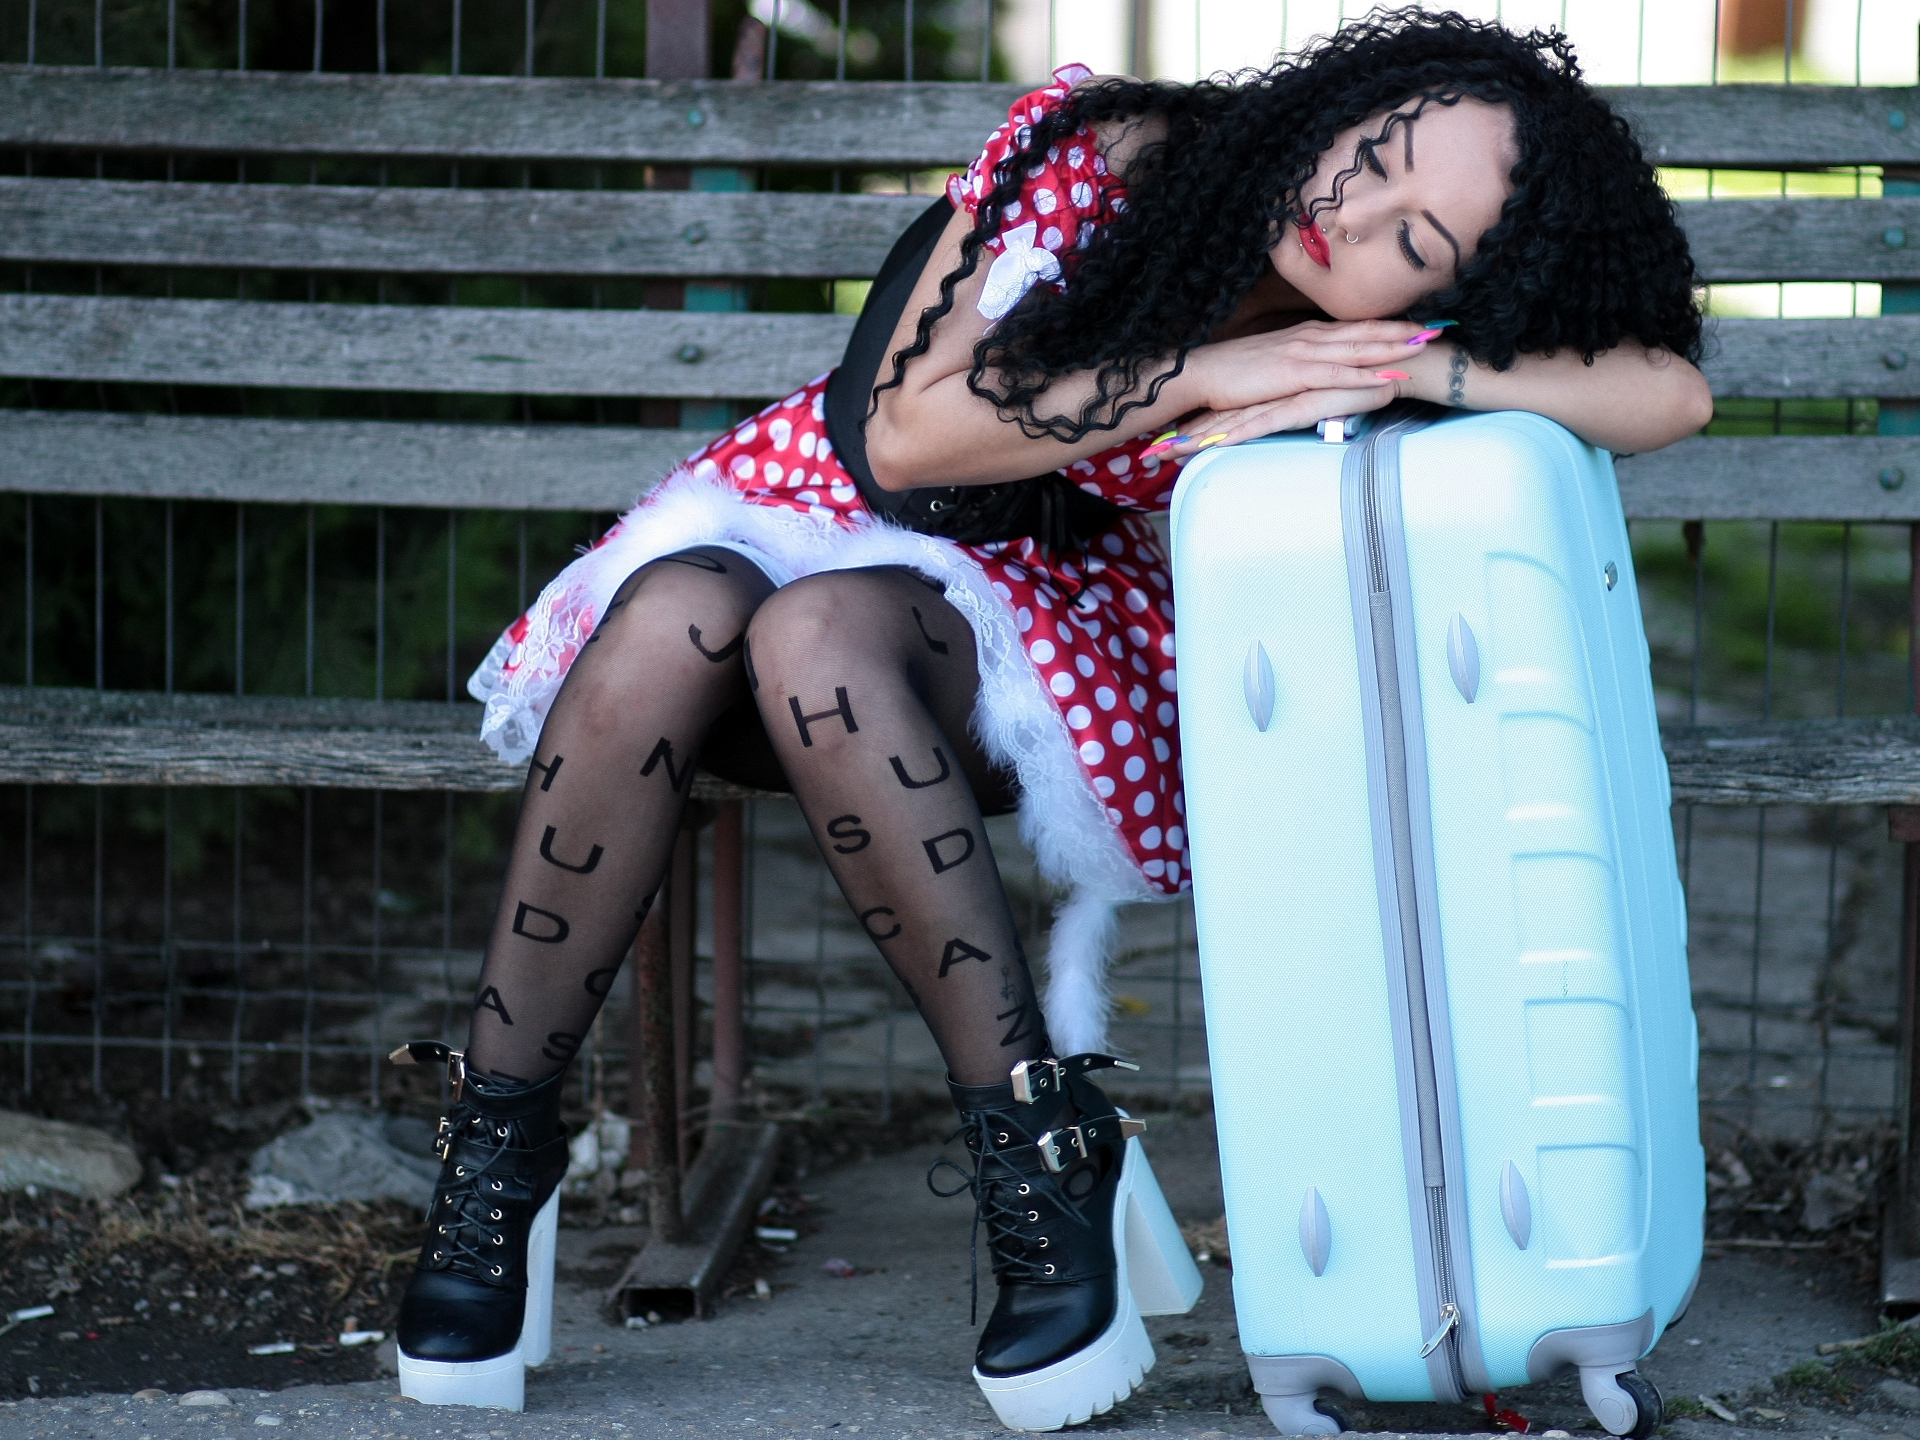 Die Fähigkeit, immer und überall schlafen zu können, ist bei langen Reisen im Zug sehr empfehlenswert. - Photocredit: pixabay.com/AdinaVoicu